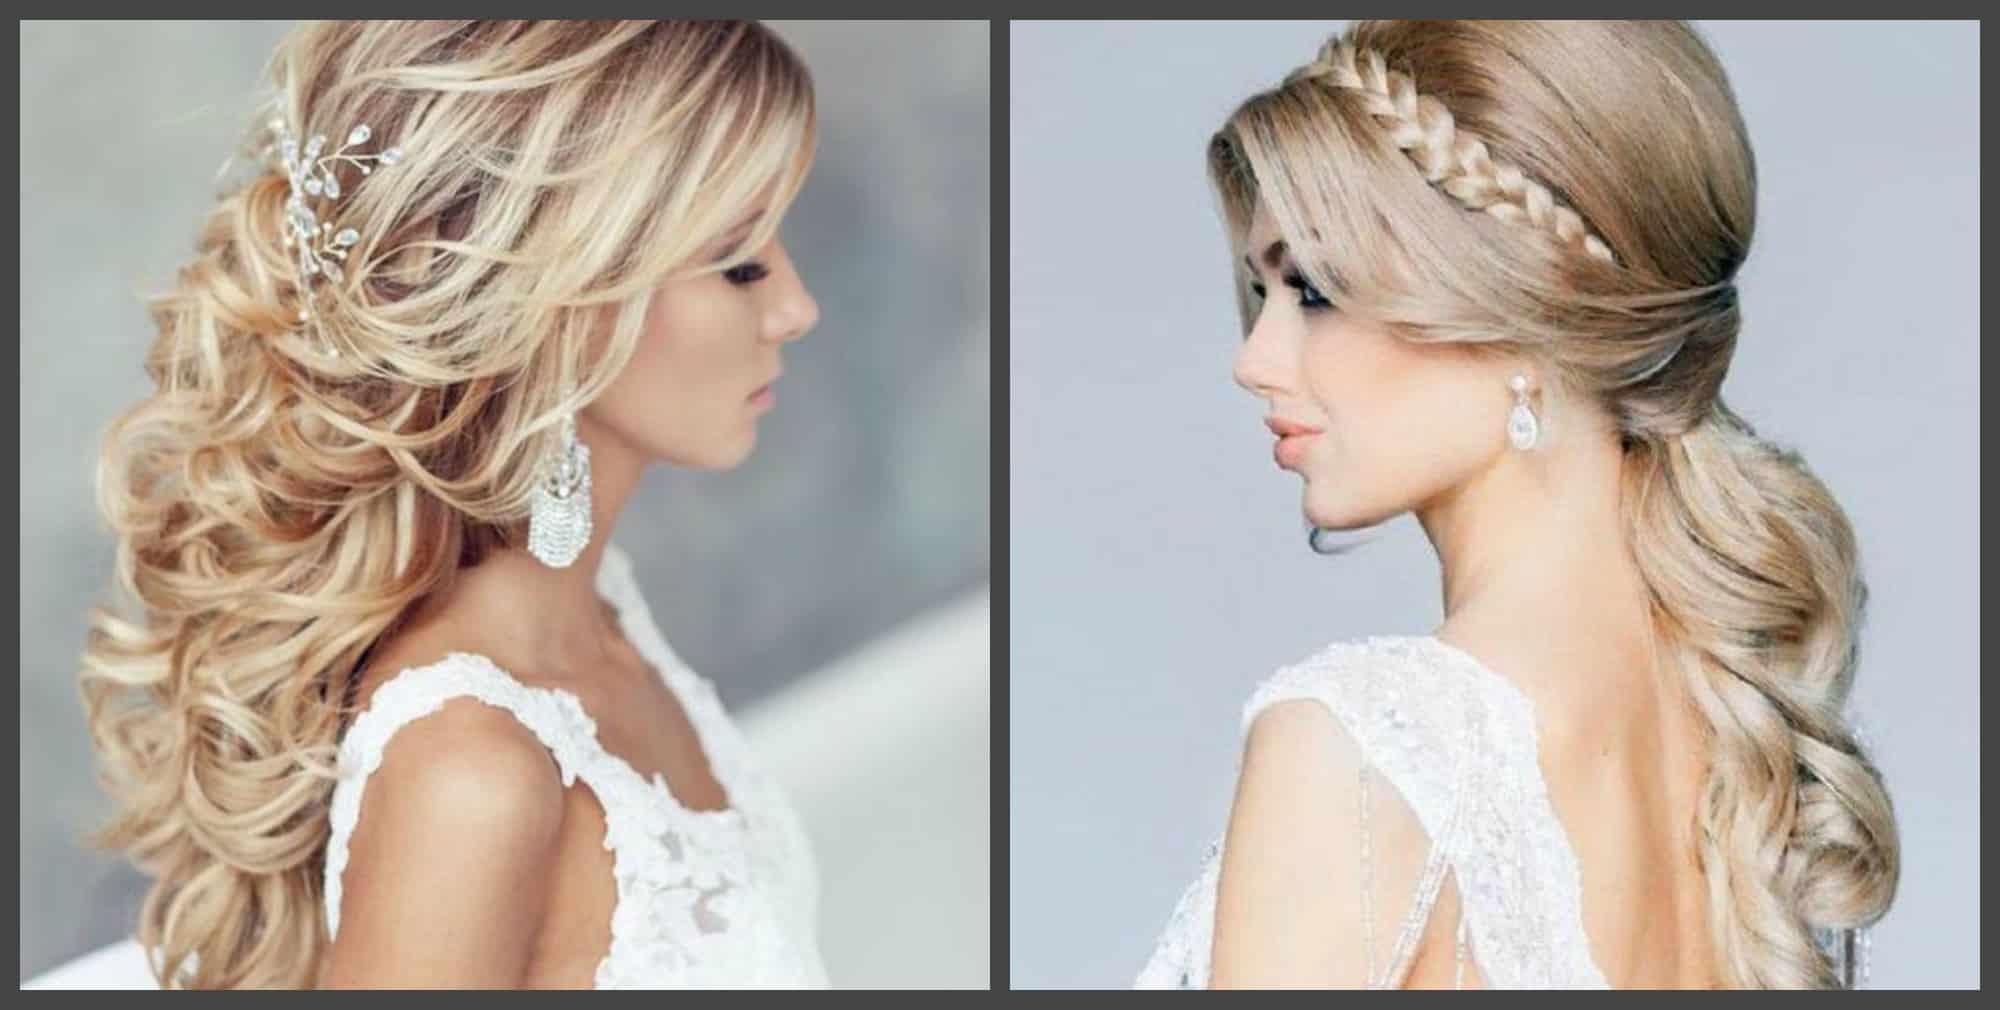 Peinados de boda 2018 peinados hermosos y de moda - Peinados elegantes para una boda ...